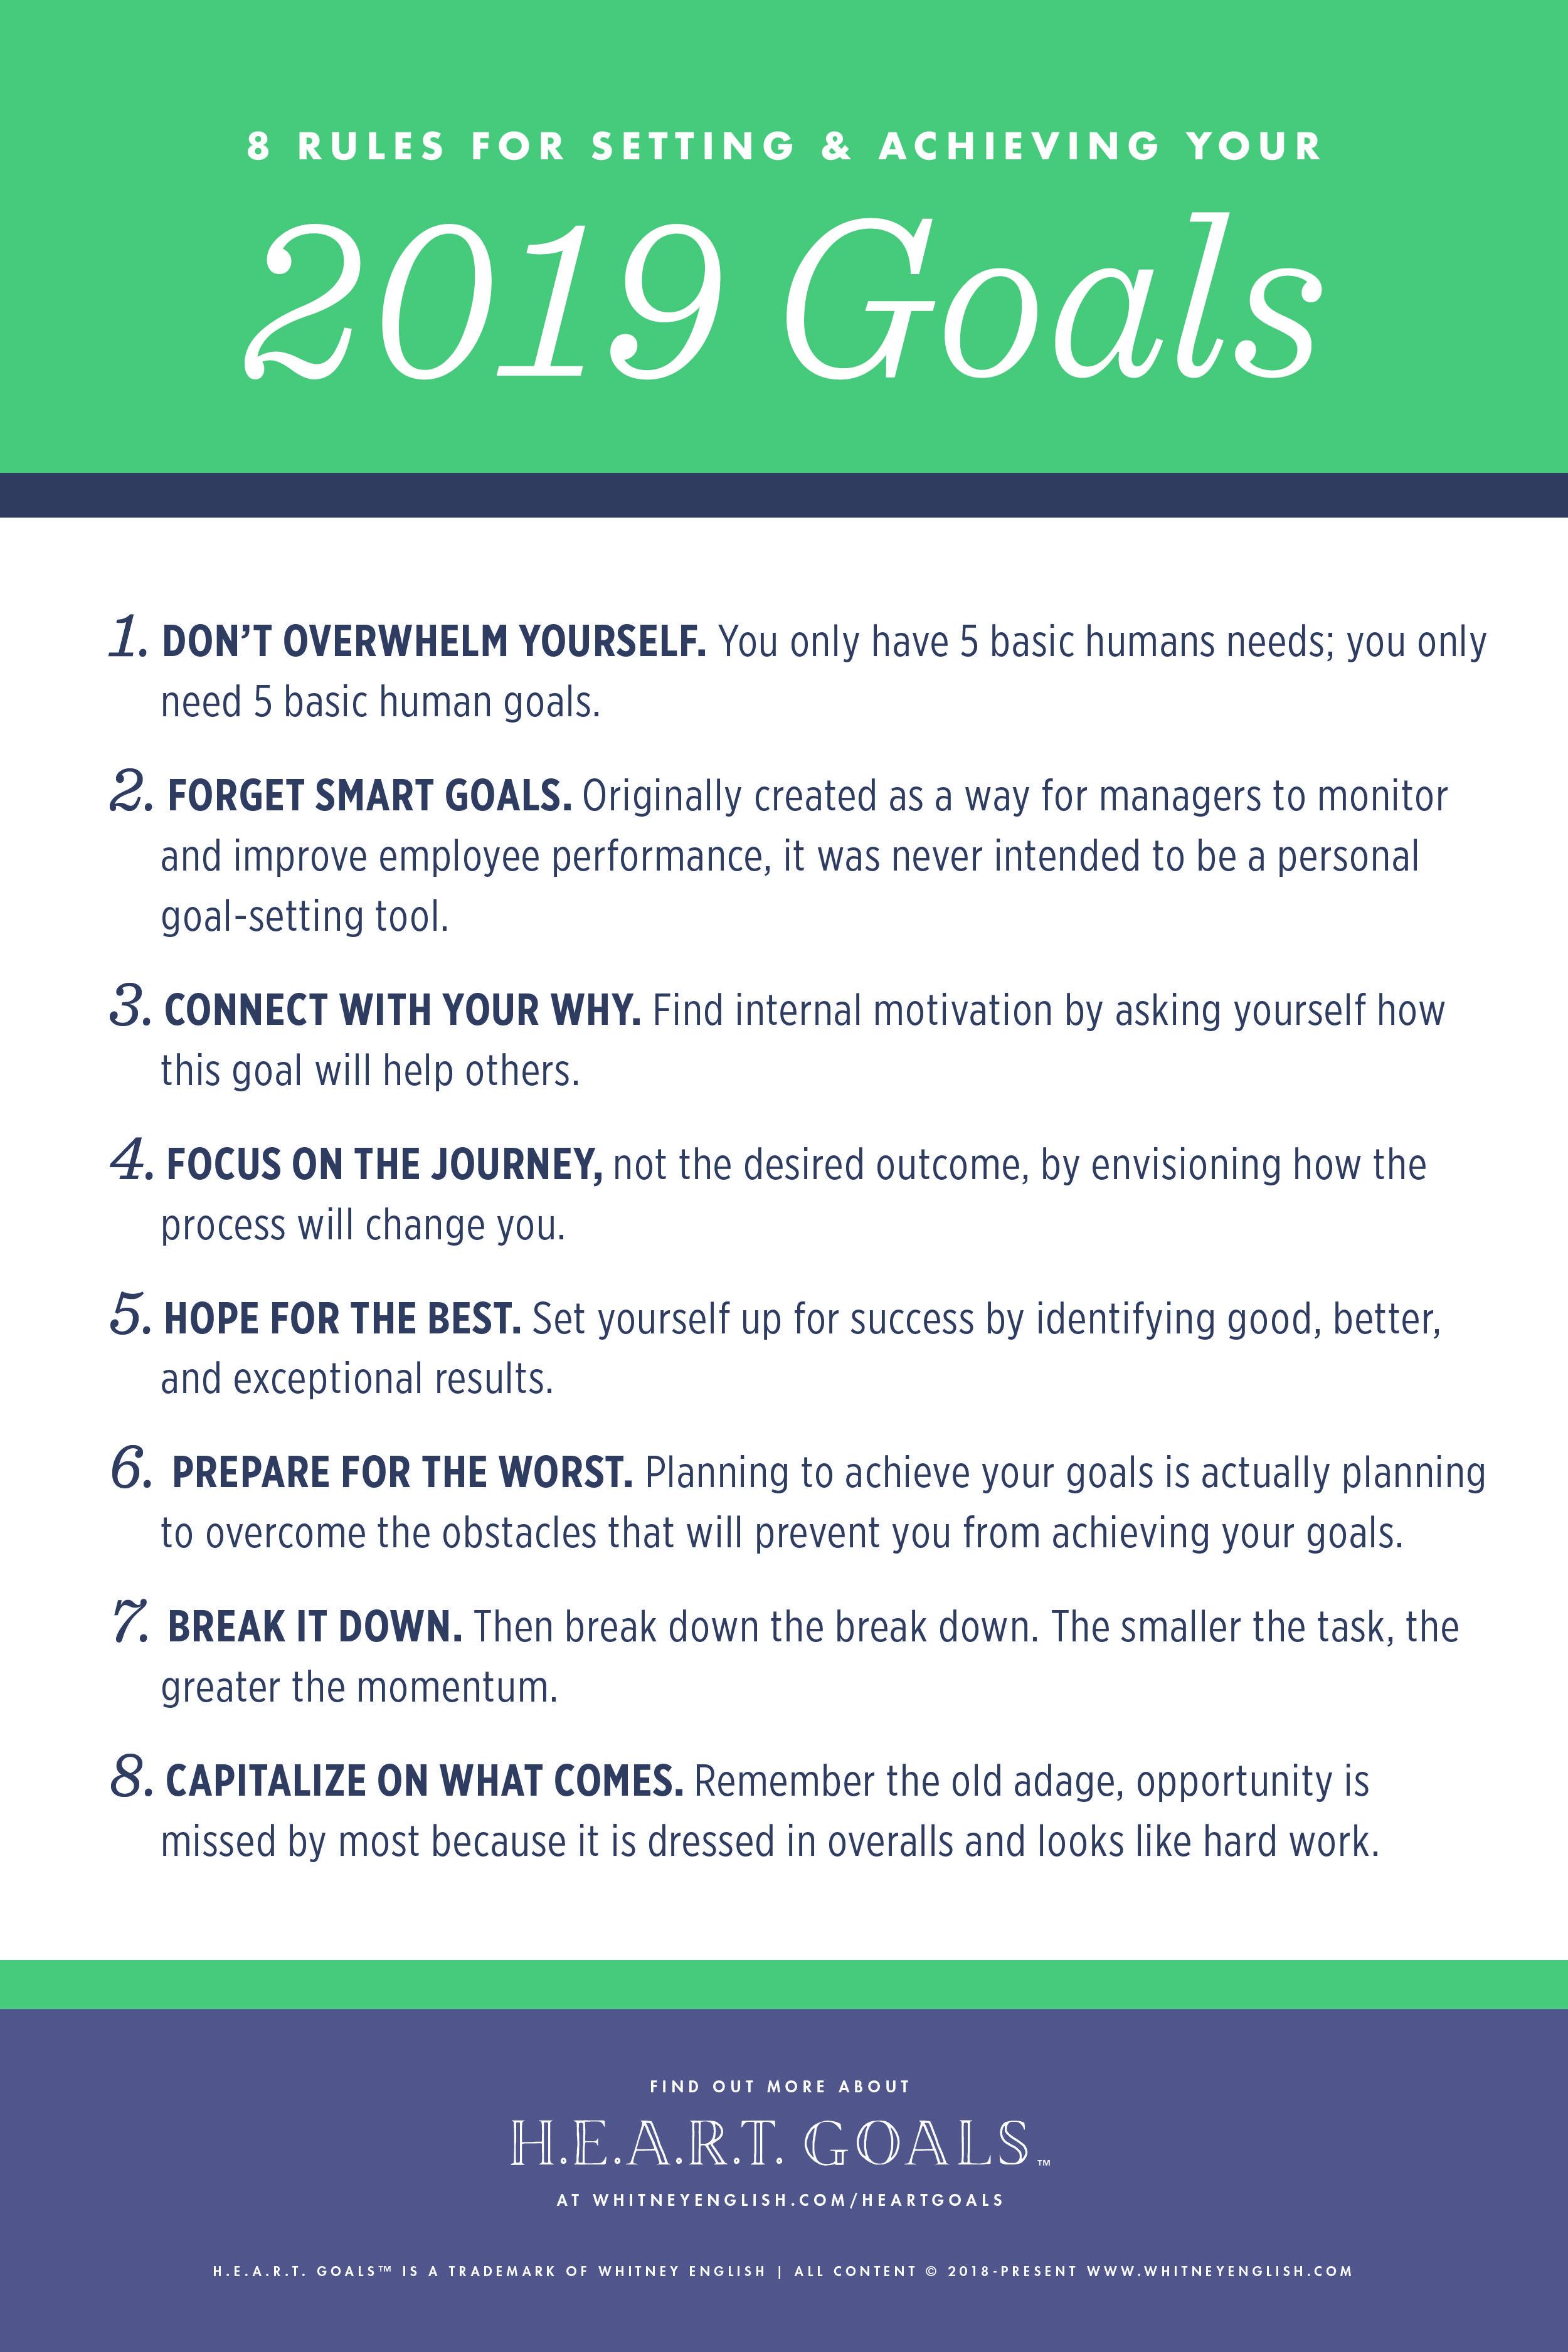 8 Rules for Goal Setting #2019Goals #goalsetting # ...